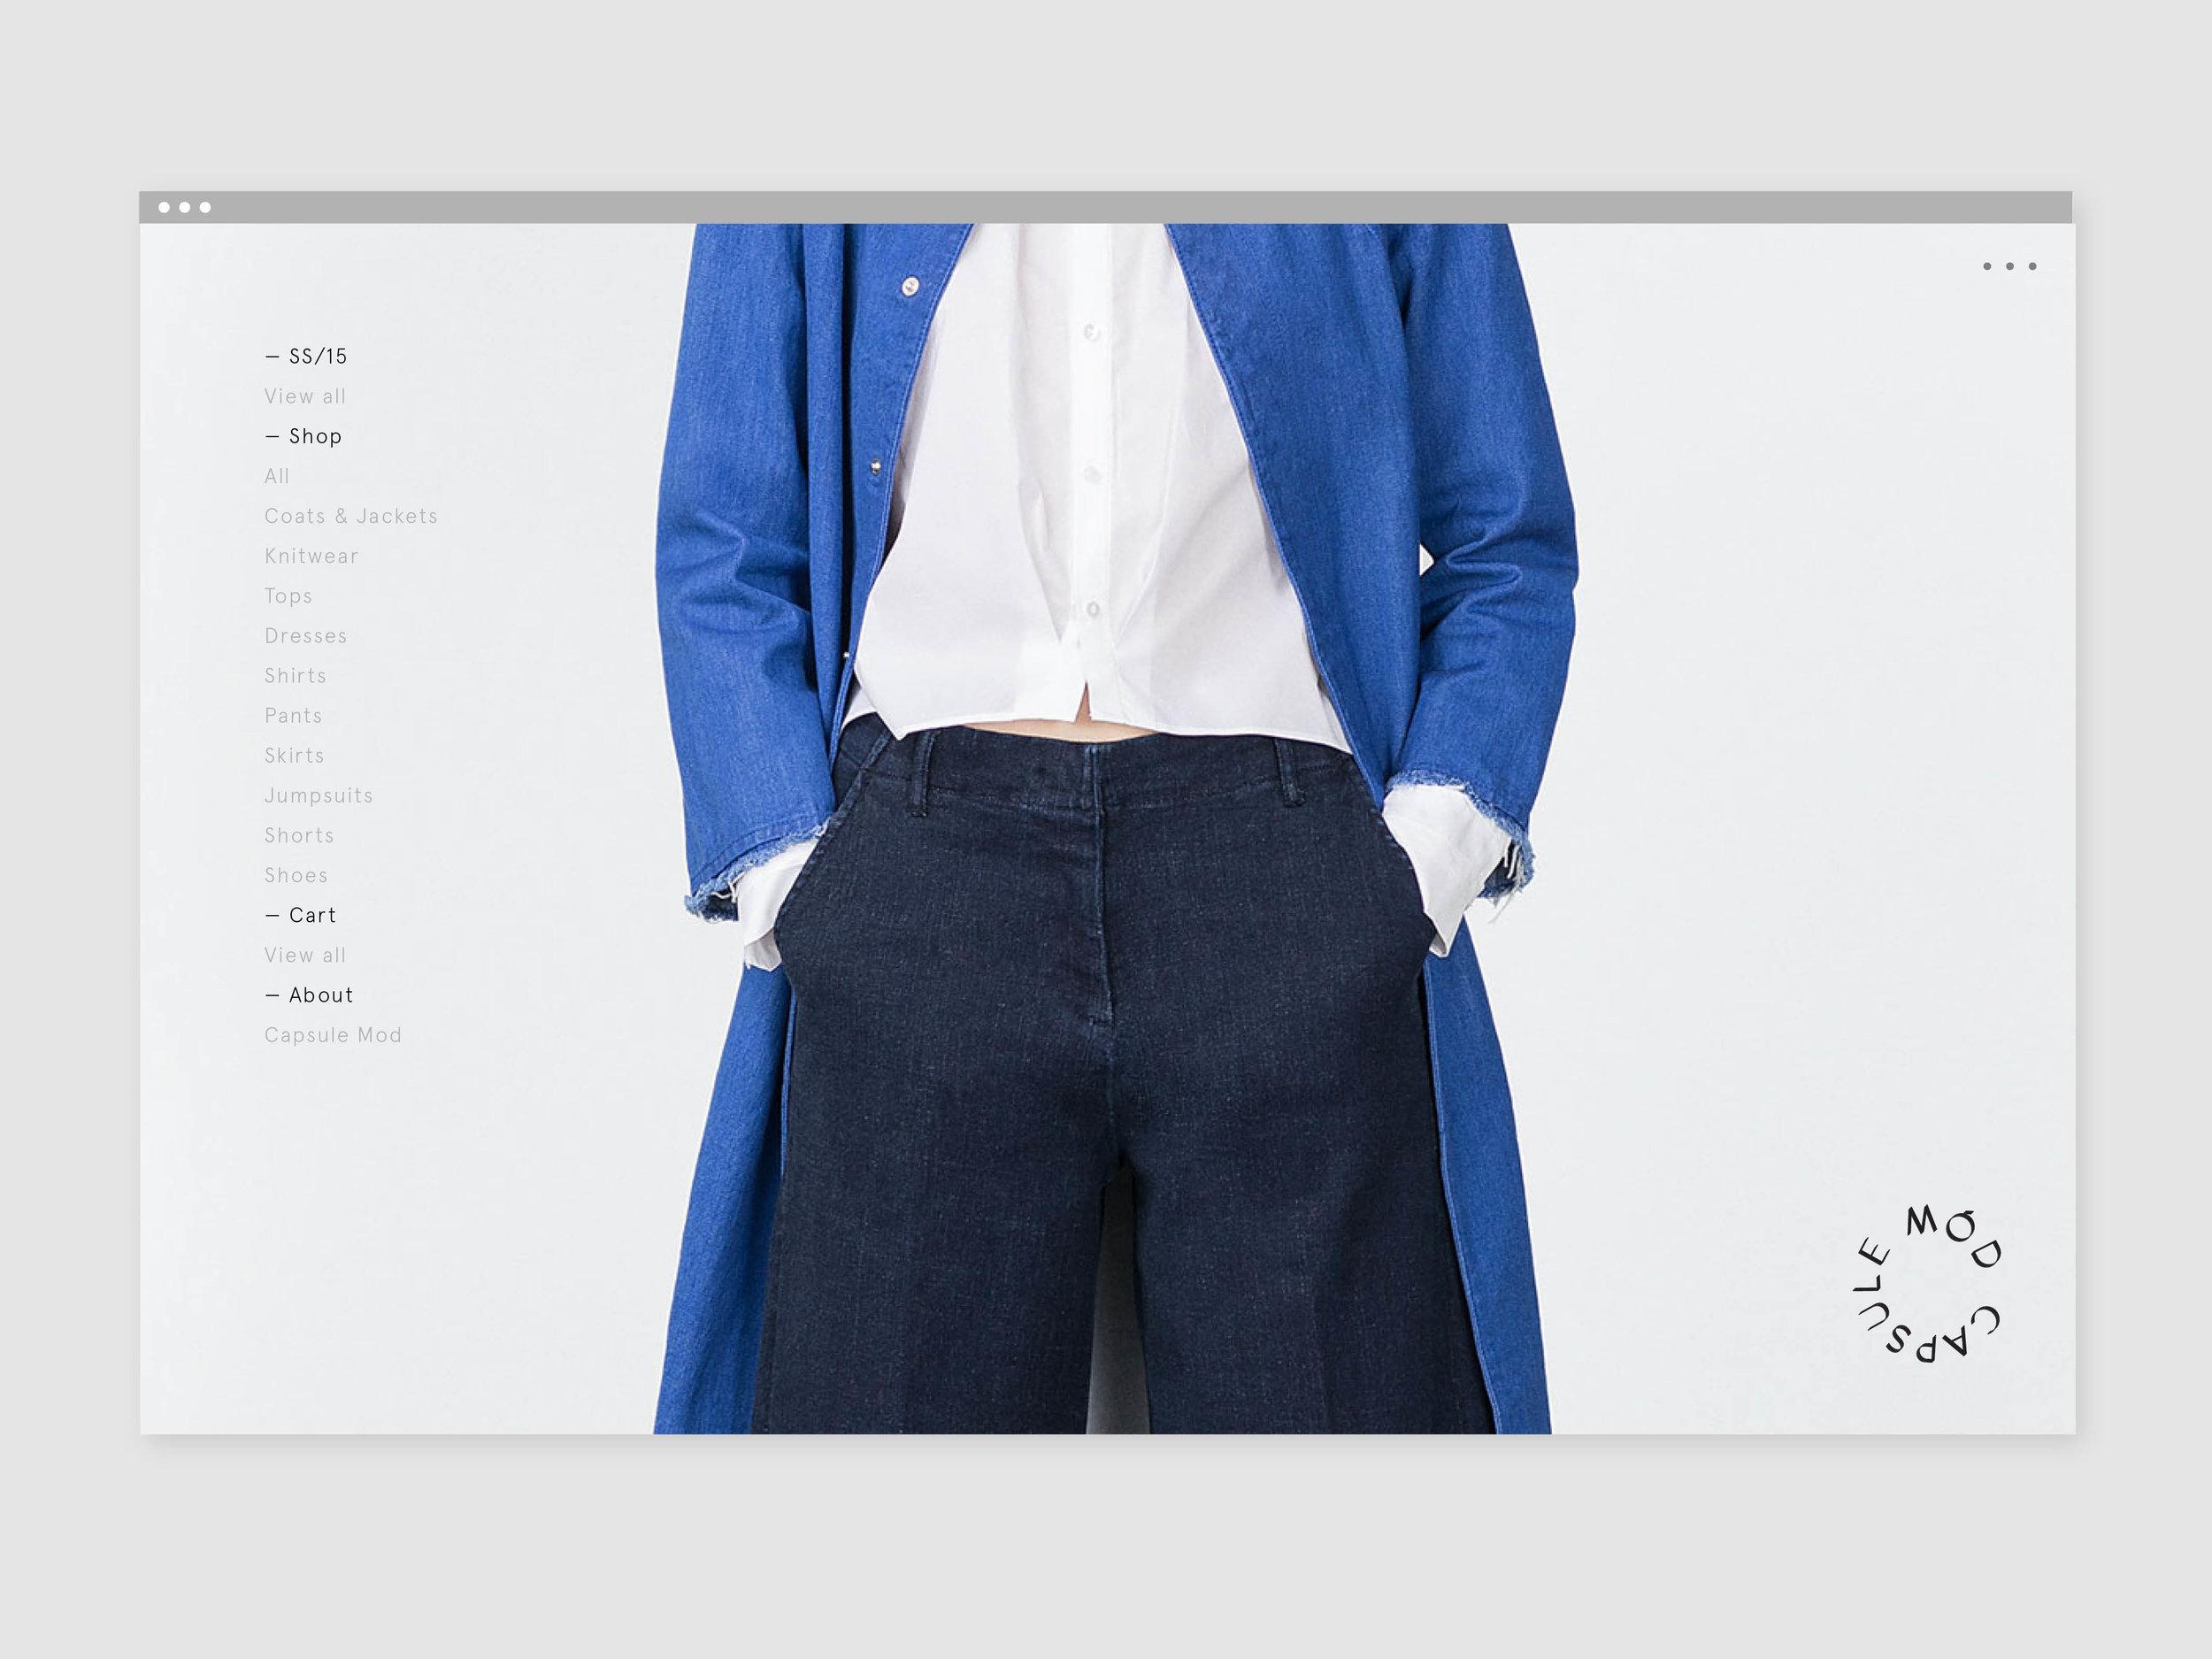 Capsule_Mod_Wardrobe_Fashion_Capsule Wardrobe_Web Design_2